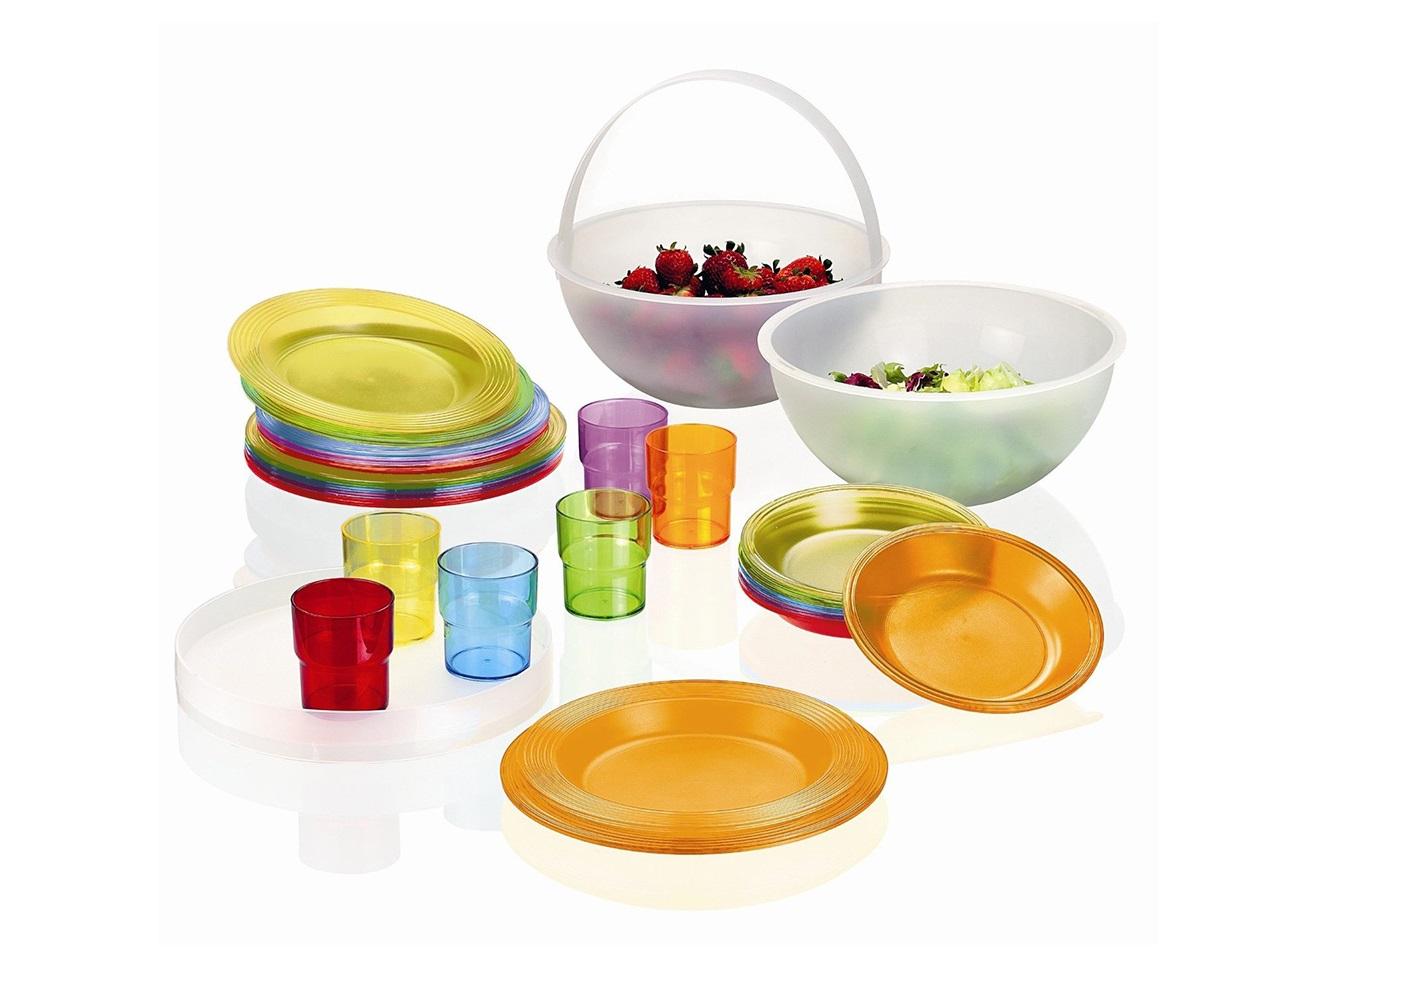 Набор для пикника pic bollНаборы для пикника<br>Оригинальный, функциональный и яркий набор для пикника Pic Boll  - это переиздание знаменитого набора 70-х годов. Глубокая чаша содержит в себе всё, что понадобится для полноценного отдыха на природе: два контейнера, поднос, шесть простых тарелок, шесть тарелок для супа, шесть десертных тарелок и шесть стаканов. <br><br>Теперь вам не нужно собирать гору посуды, чтобы организовать перекус на свежем воздухе - все предметы помещаются в единый контейнер, а верхняя ручка с креплением создана для удобной и комфортной переноски.<br>Все составляющие набора сделаны из безопасного пищевого пластика и пригодны для мытья в посудомоечной машине.&amp;lt;div&amp;gt;&amp;lt;br&amp;gt;&amp;lt;/div&amp;gt;&amp;lt;div&amp;gt;Материал: пластик SAN, полипропилен&amp;lt;br&amp;gt;&amp;lt;/div&amp;gt;<br><br>Material: Пластик